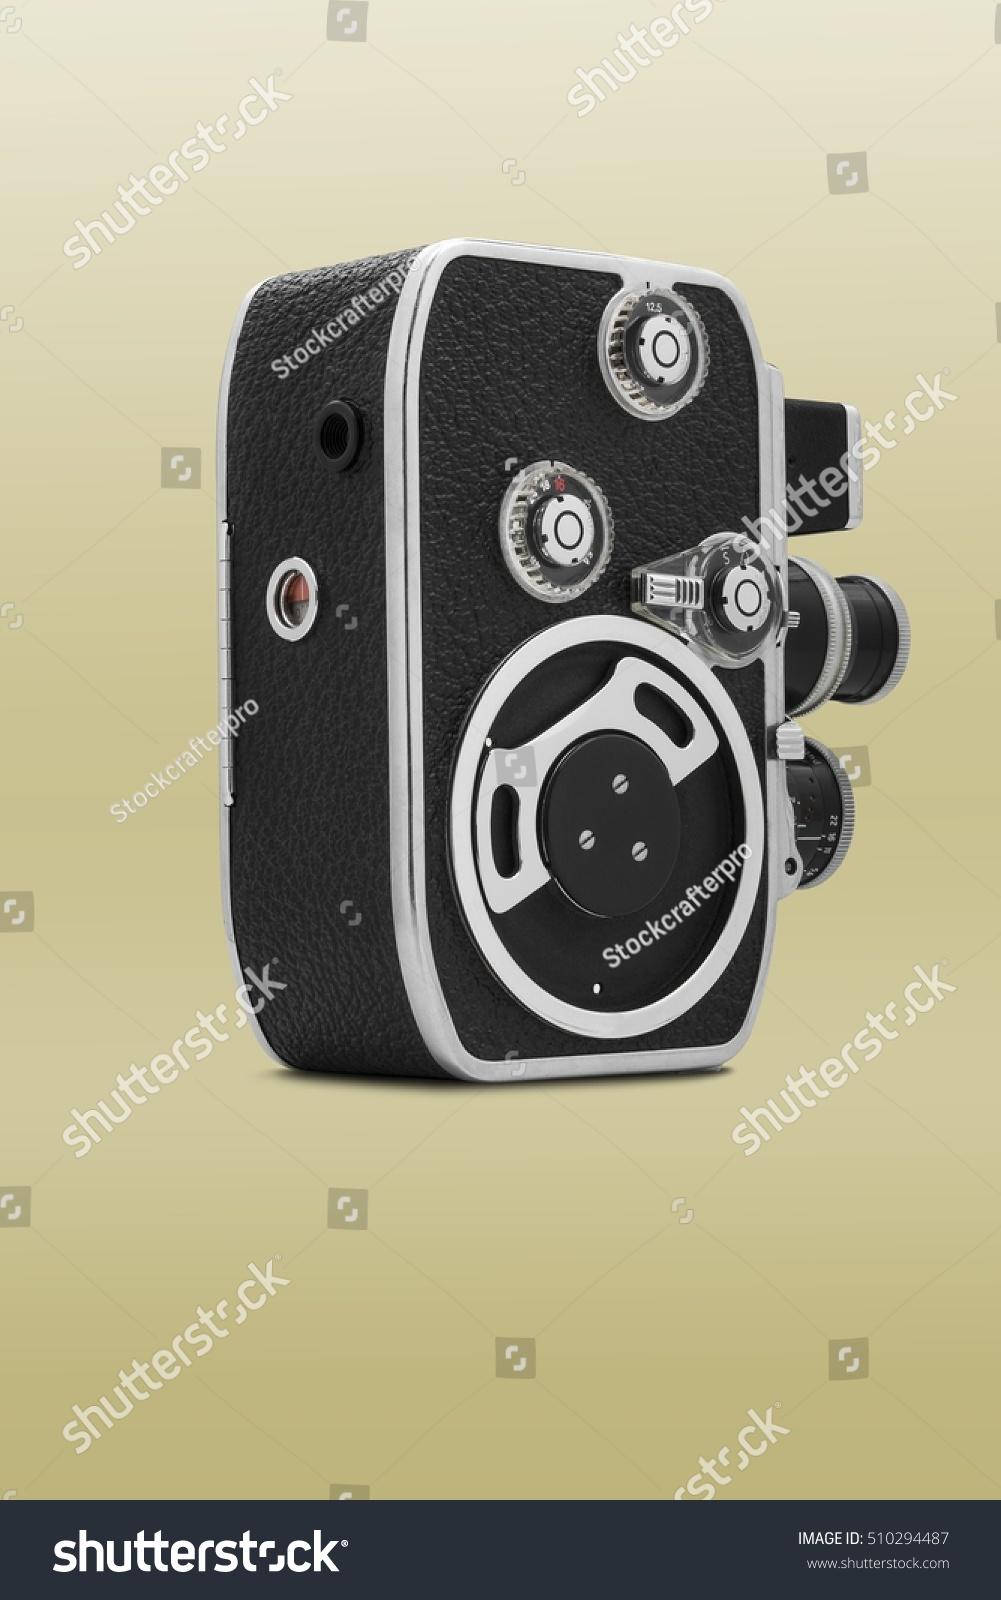 8Mm Vintage Camera vintage old cinema camera 8mm | vintage, technology stock image